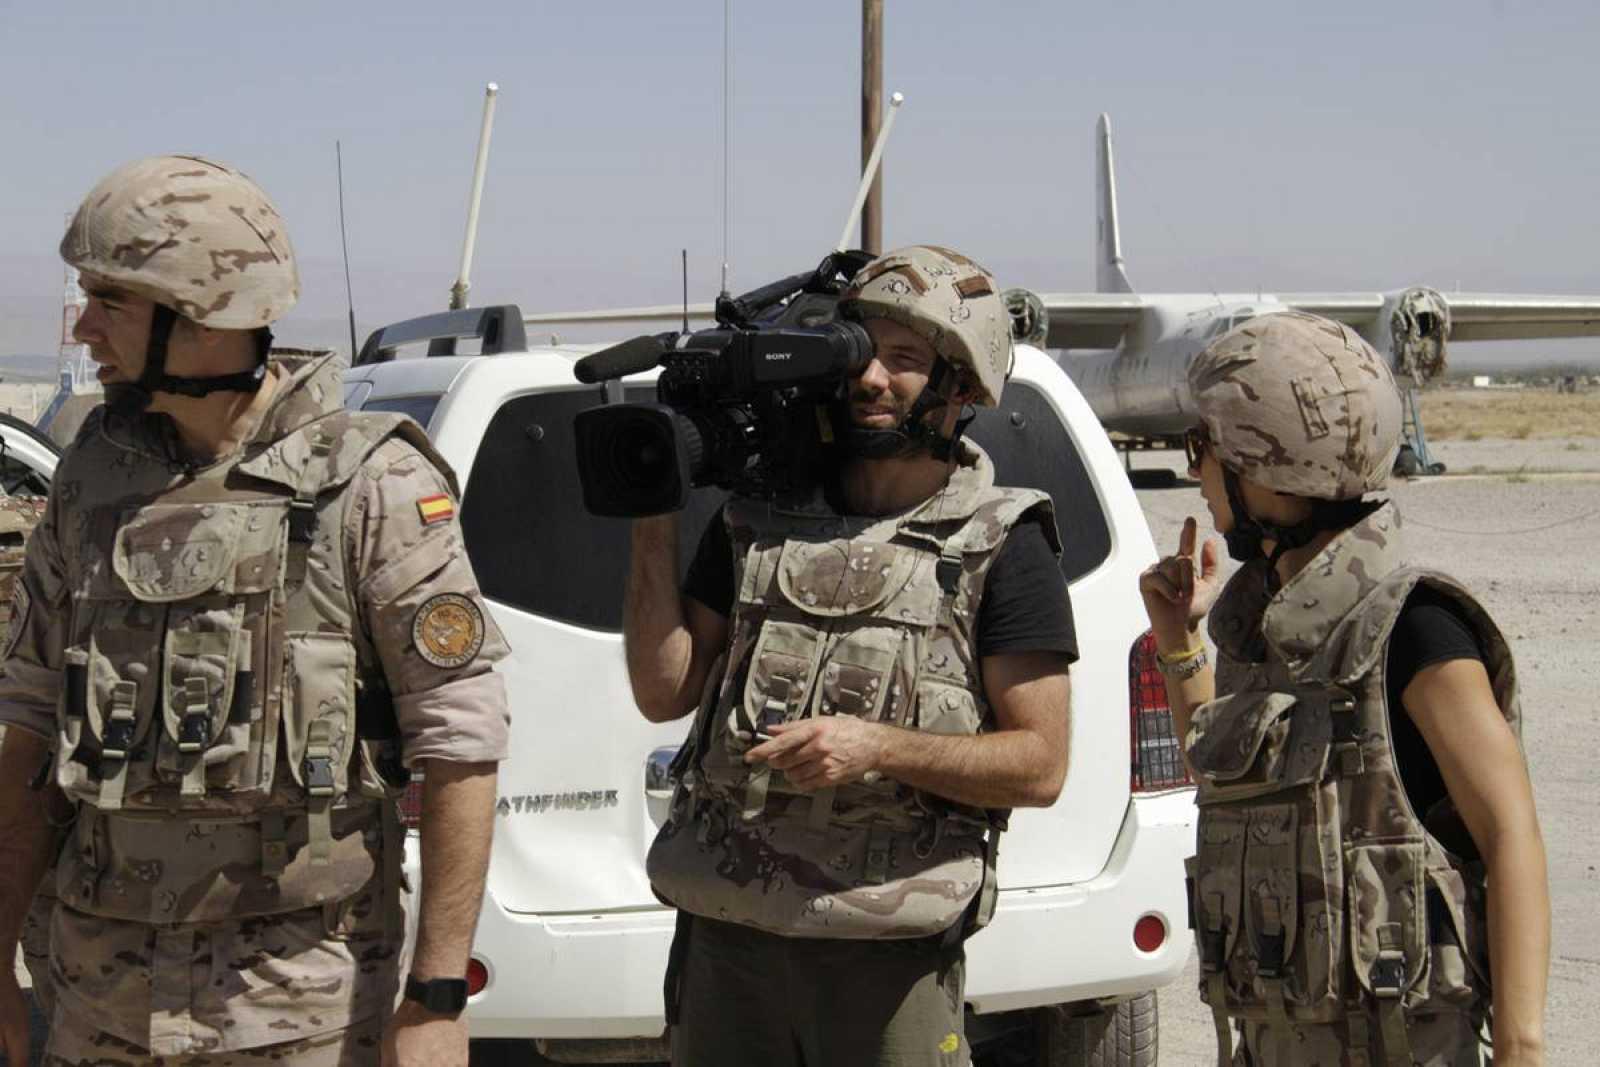 'FAS' llega a Televisión Española para mostrar el día a día de los militares españoles, que cuenta con la colaboración del Ministerio de Defensa